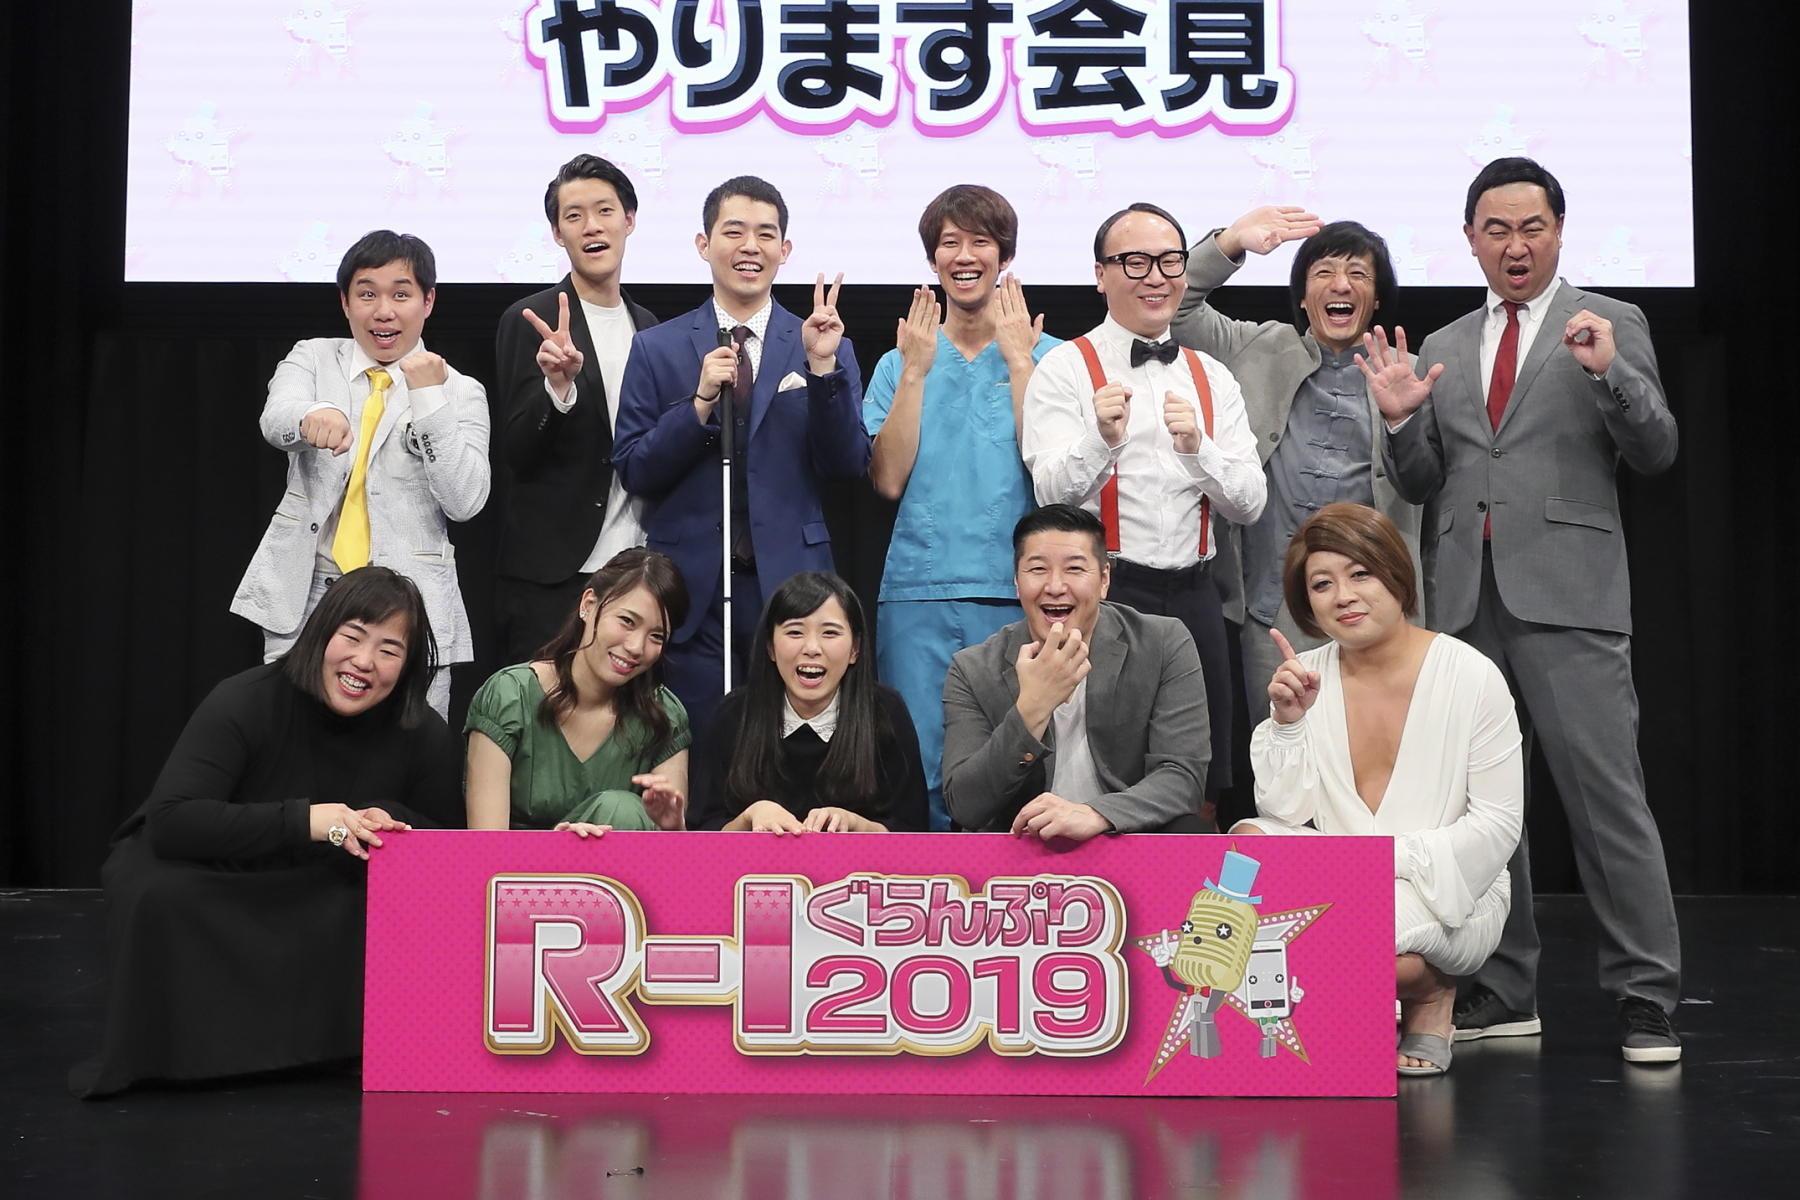 http://news.yoshimoto.co.jp/20181130142719-8f74c5b0b50c1a515c4df114618e1e0e260a71e4.jpg